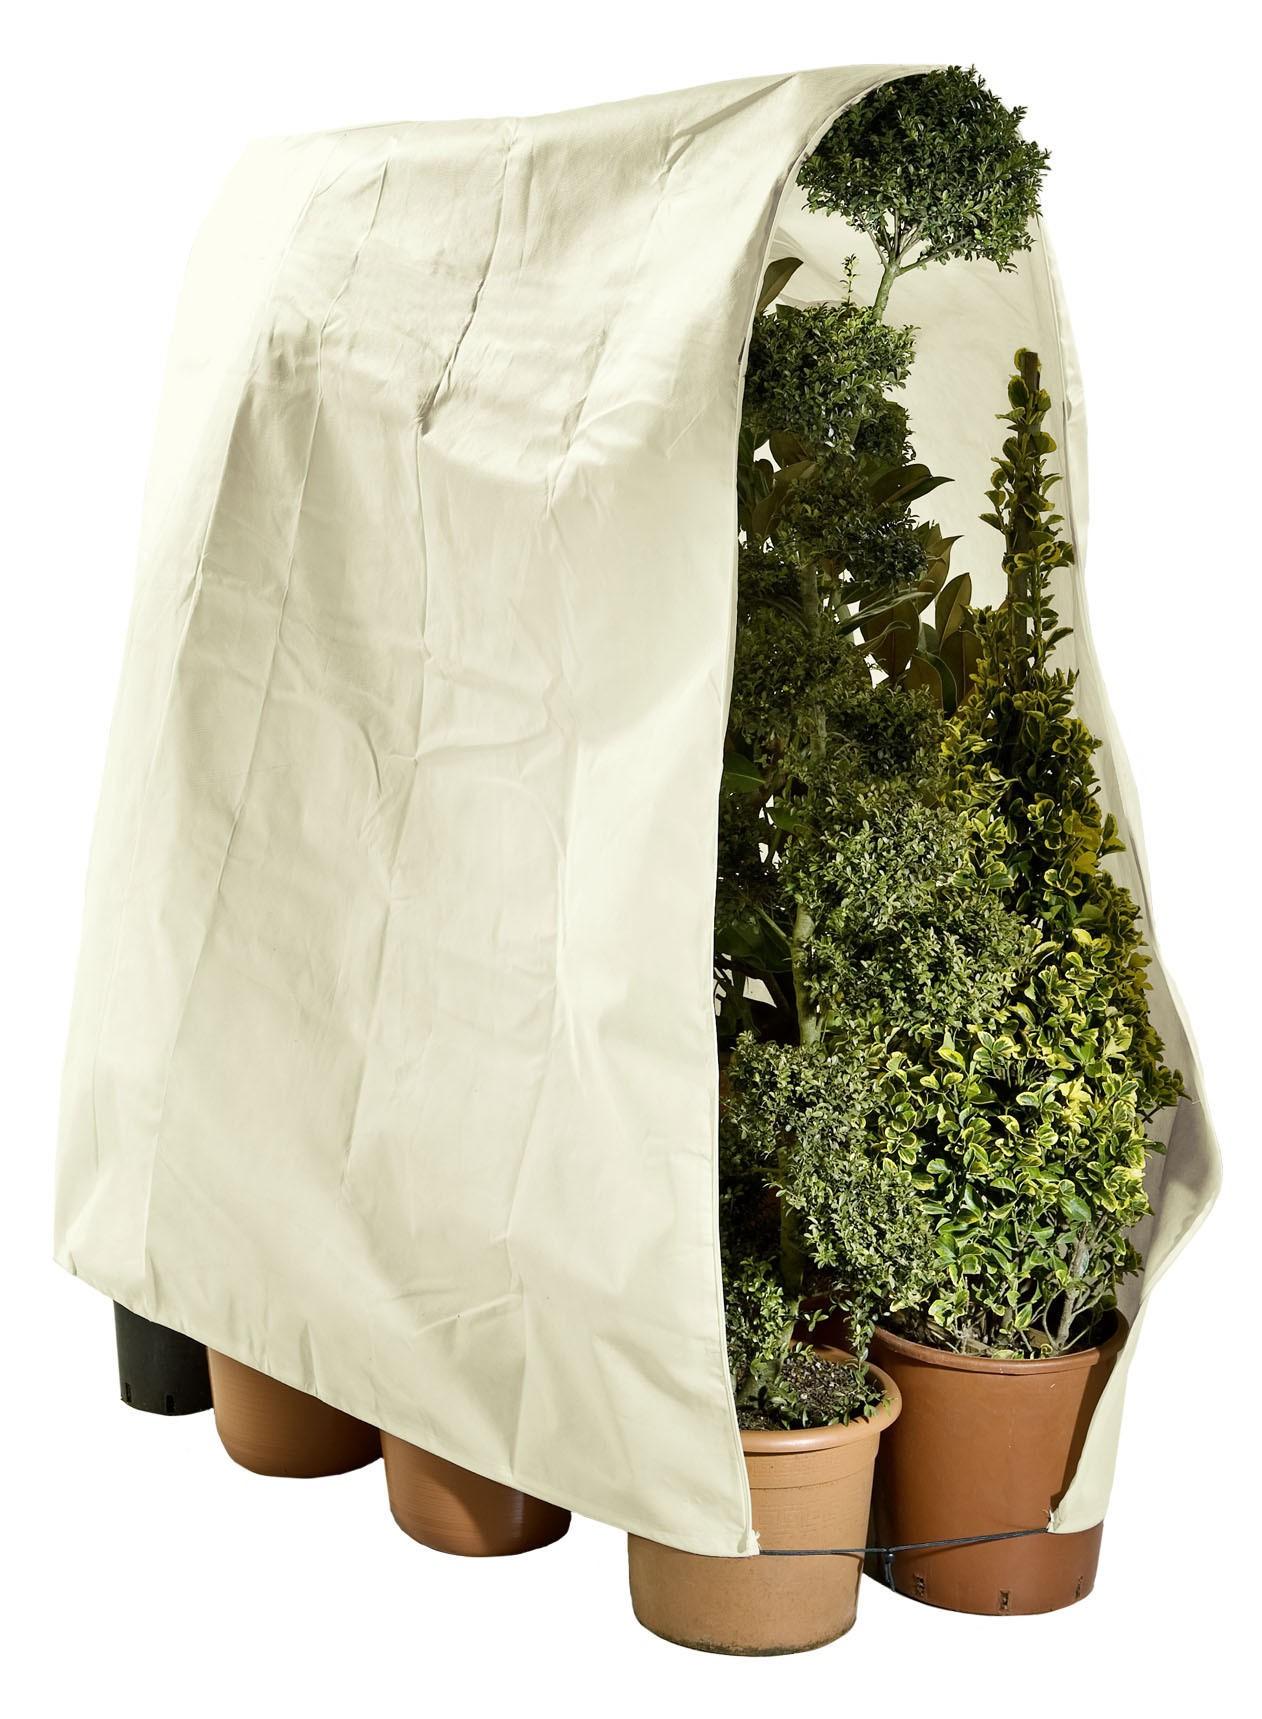 Pflanzenschutz Vlies, Frostschutz, 240 x 200 cm